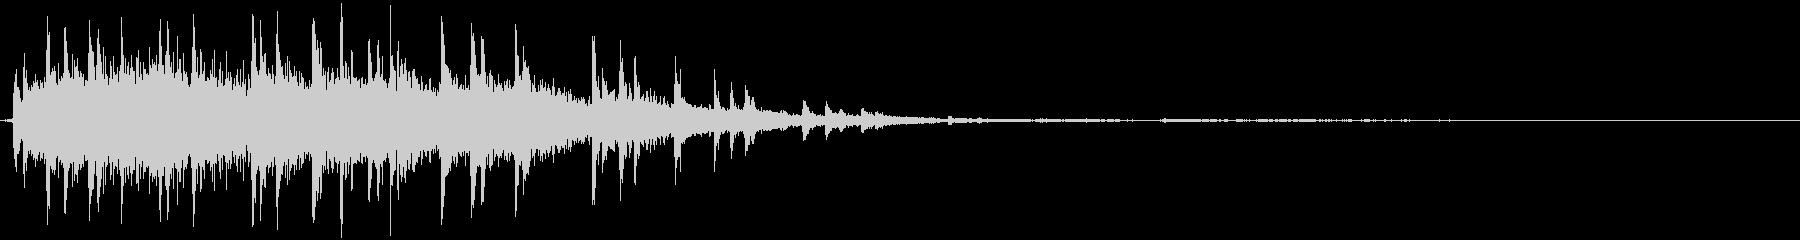 【ホラー】SFX_37 カカンッカカンッの未再生の波形